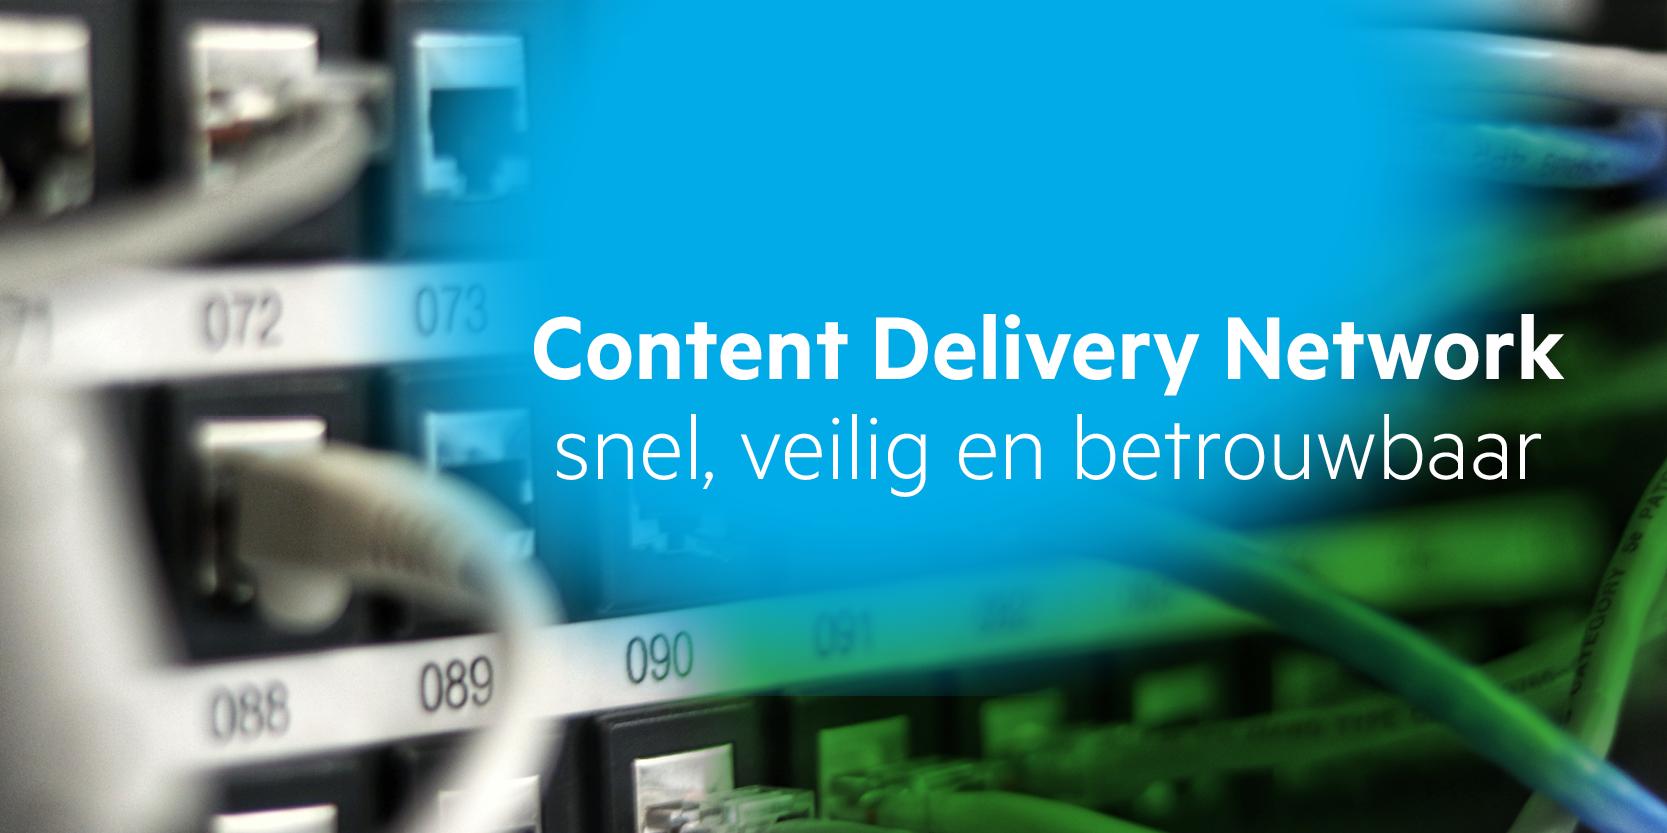 Het Content Delivery Network (CDN) is snel, veilig en betrouwbaar